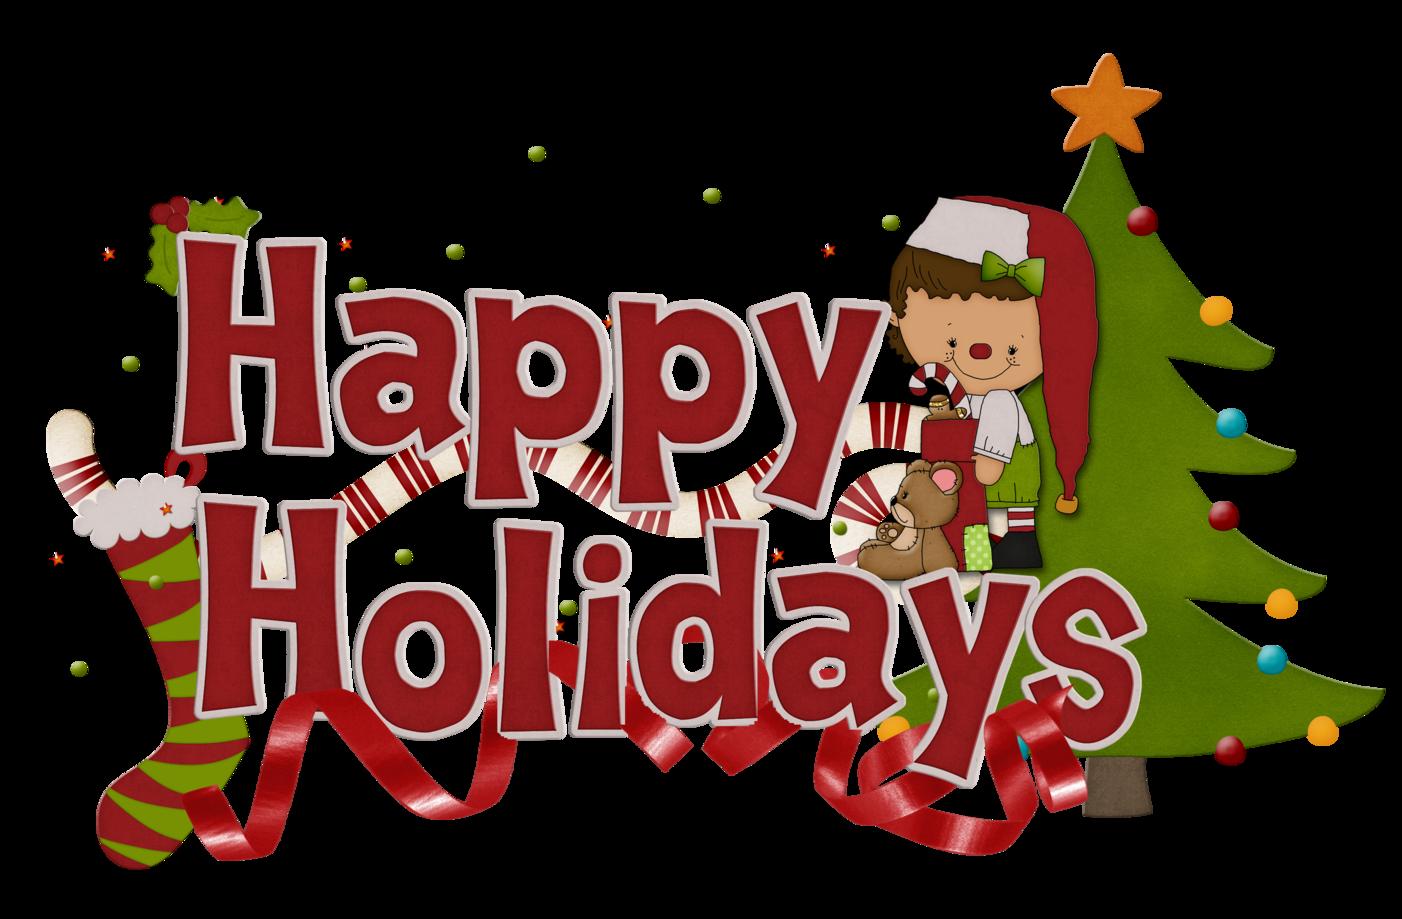 Happy Holidays Clip Art Free-Happy Holidays Clip Art Free-10